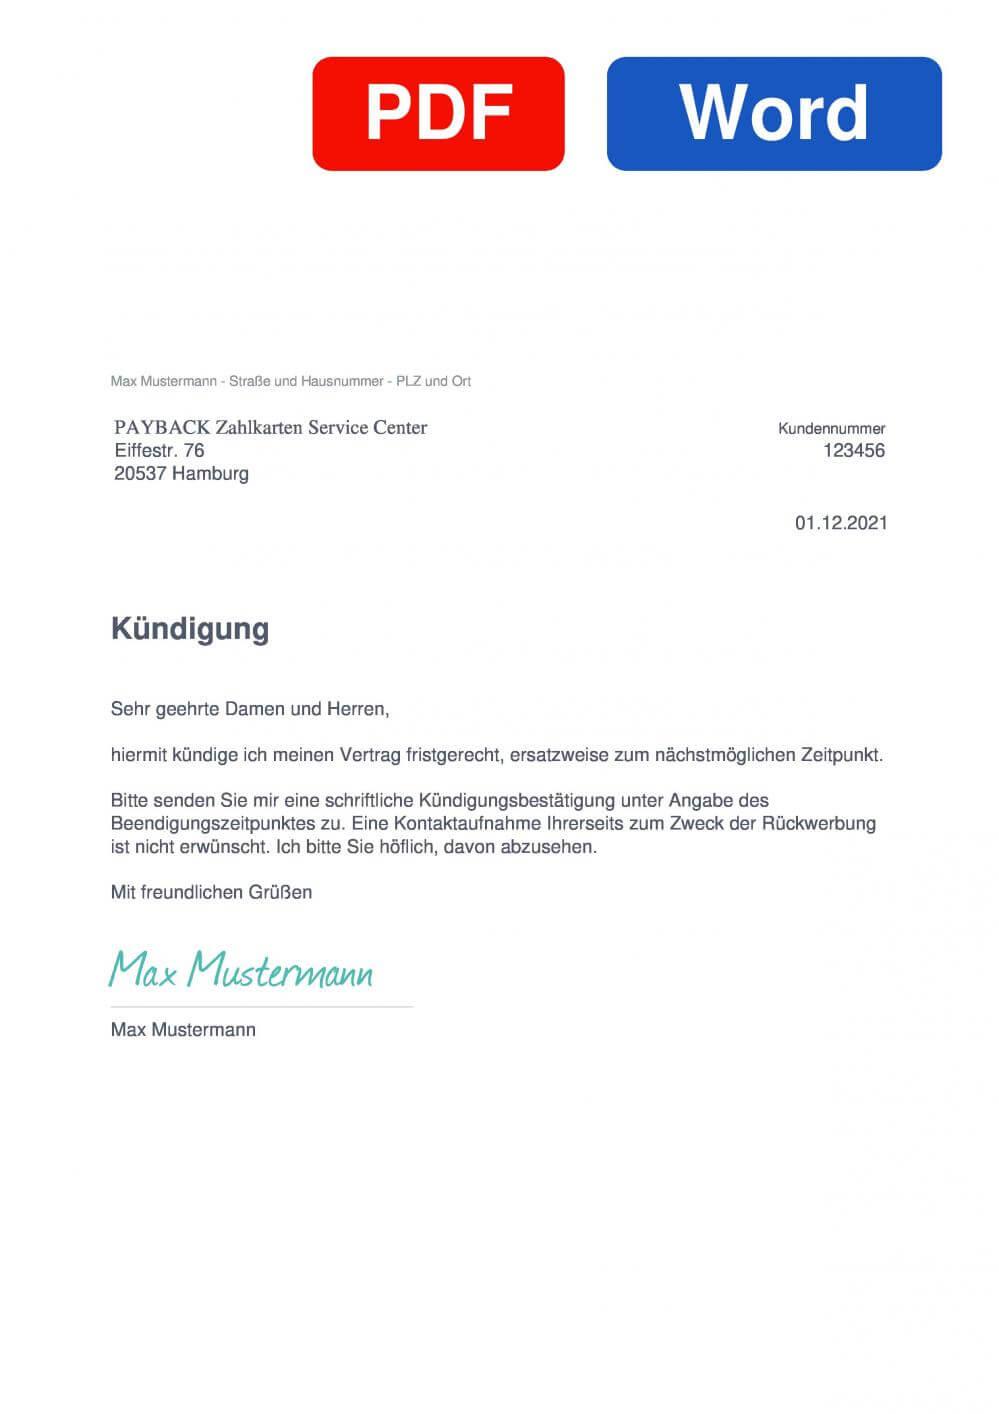 PAYBACK Maestro Karte Muster Vorlage für Kündigungsschreiben